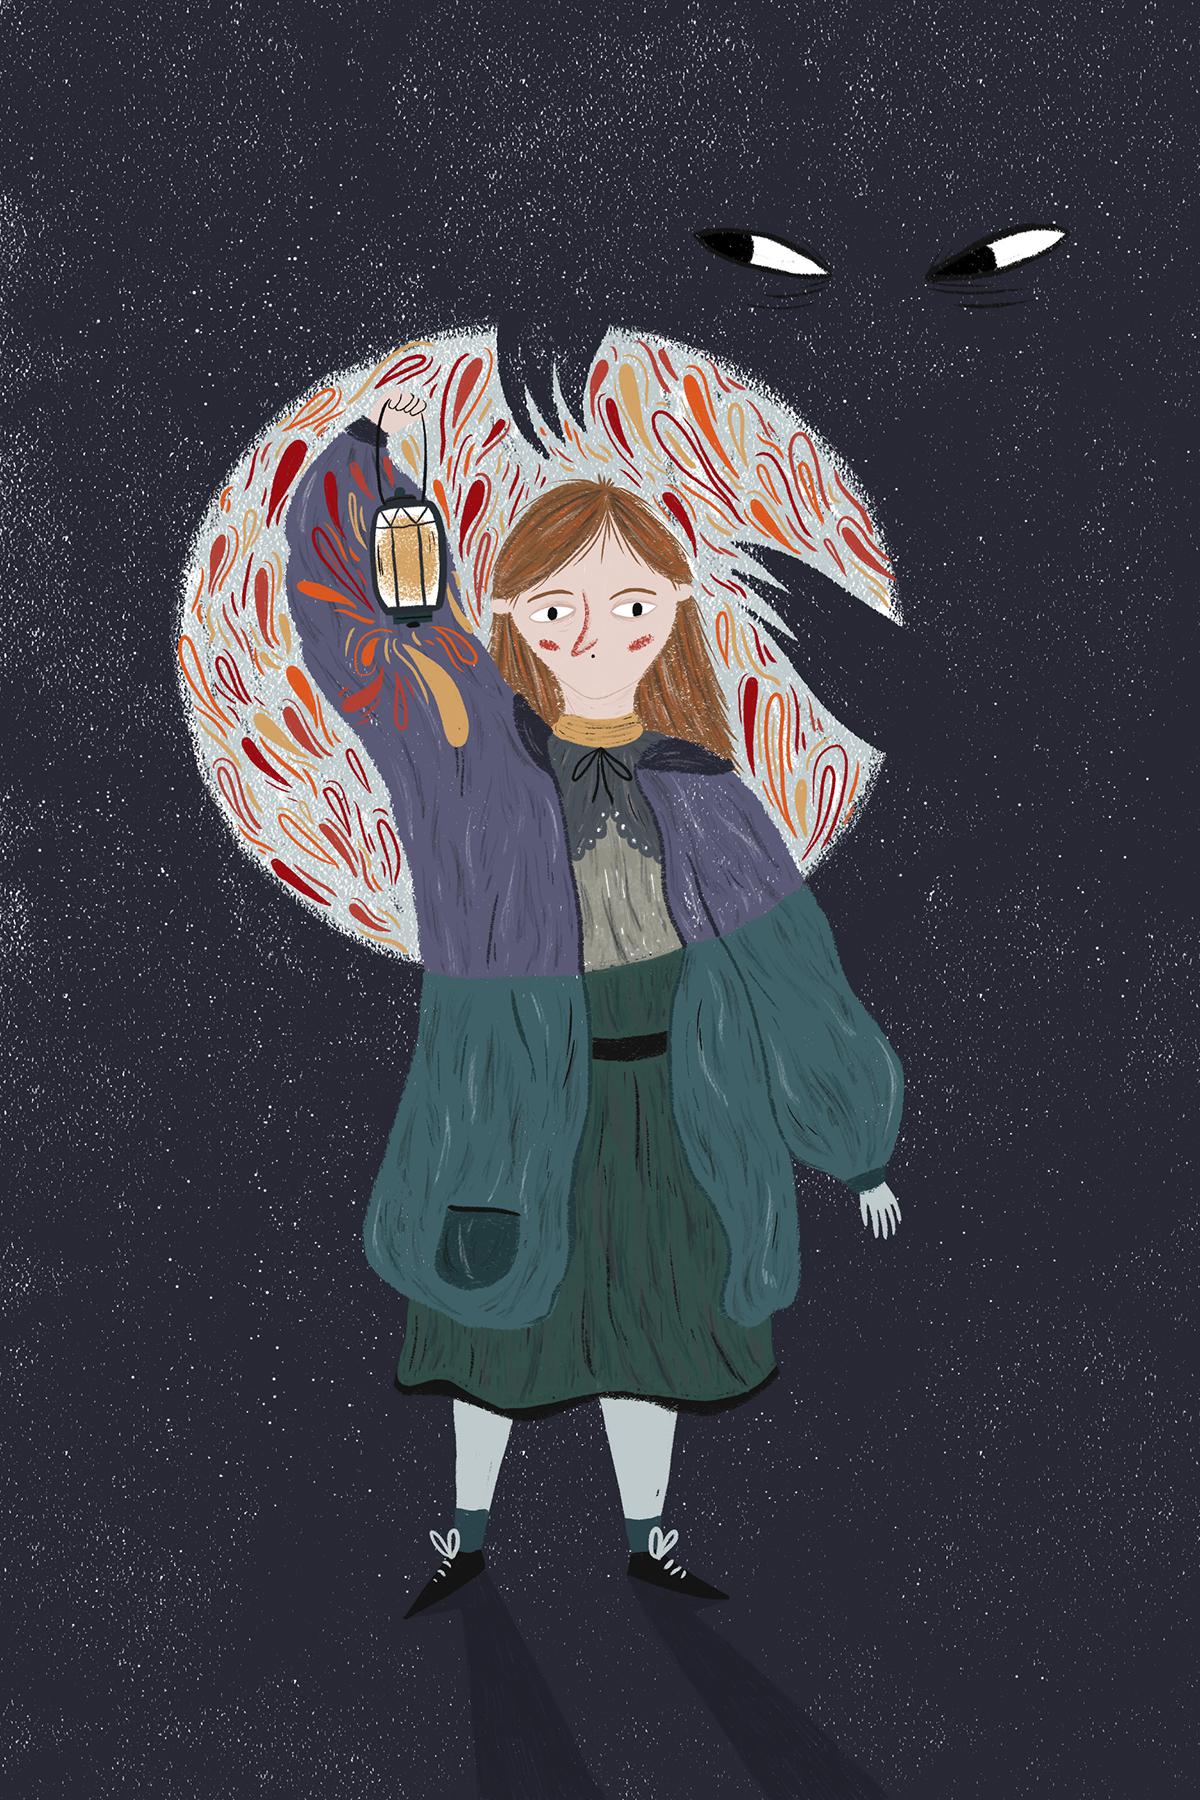 mitos rurais ilustrada gerador Lobisomem Bruxa wolf witch paul